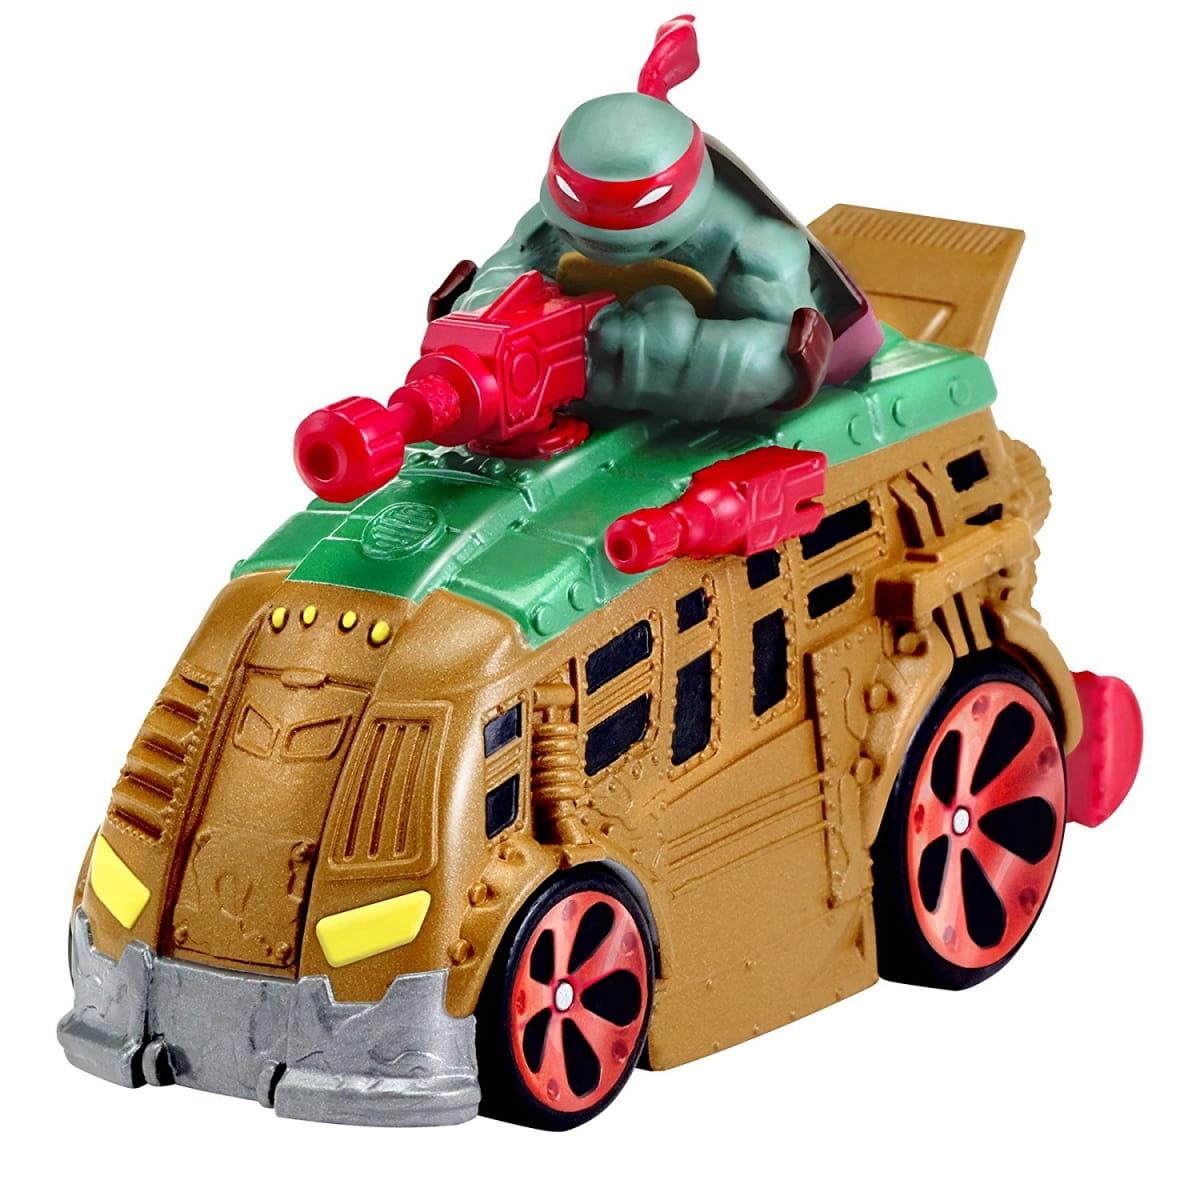 Машинка Playmates Черепашки Ниндзя Рафаэль - 7 см